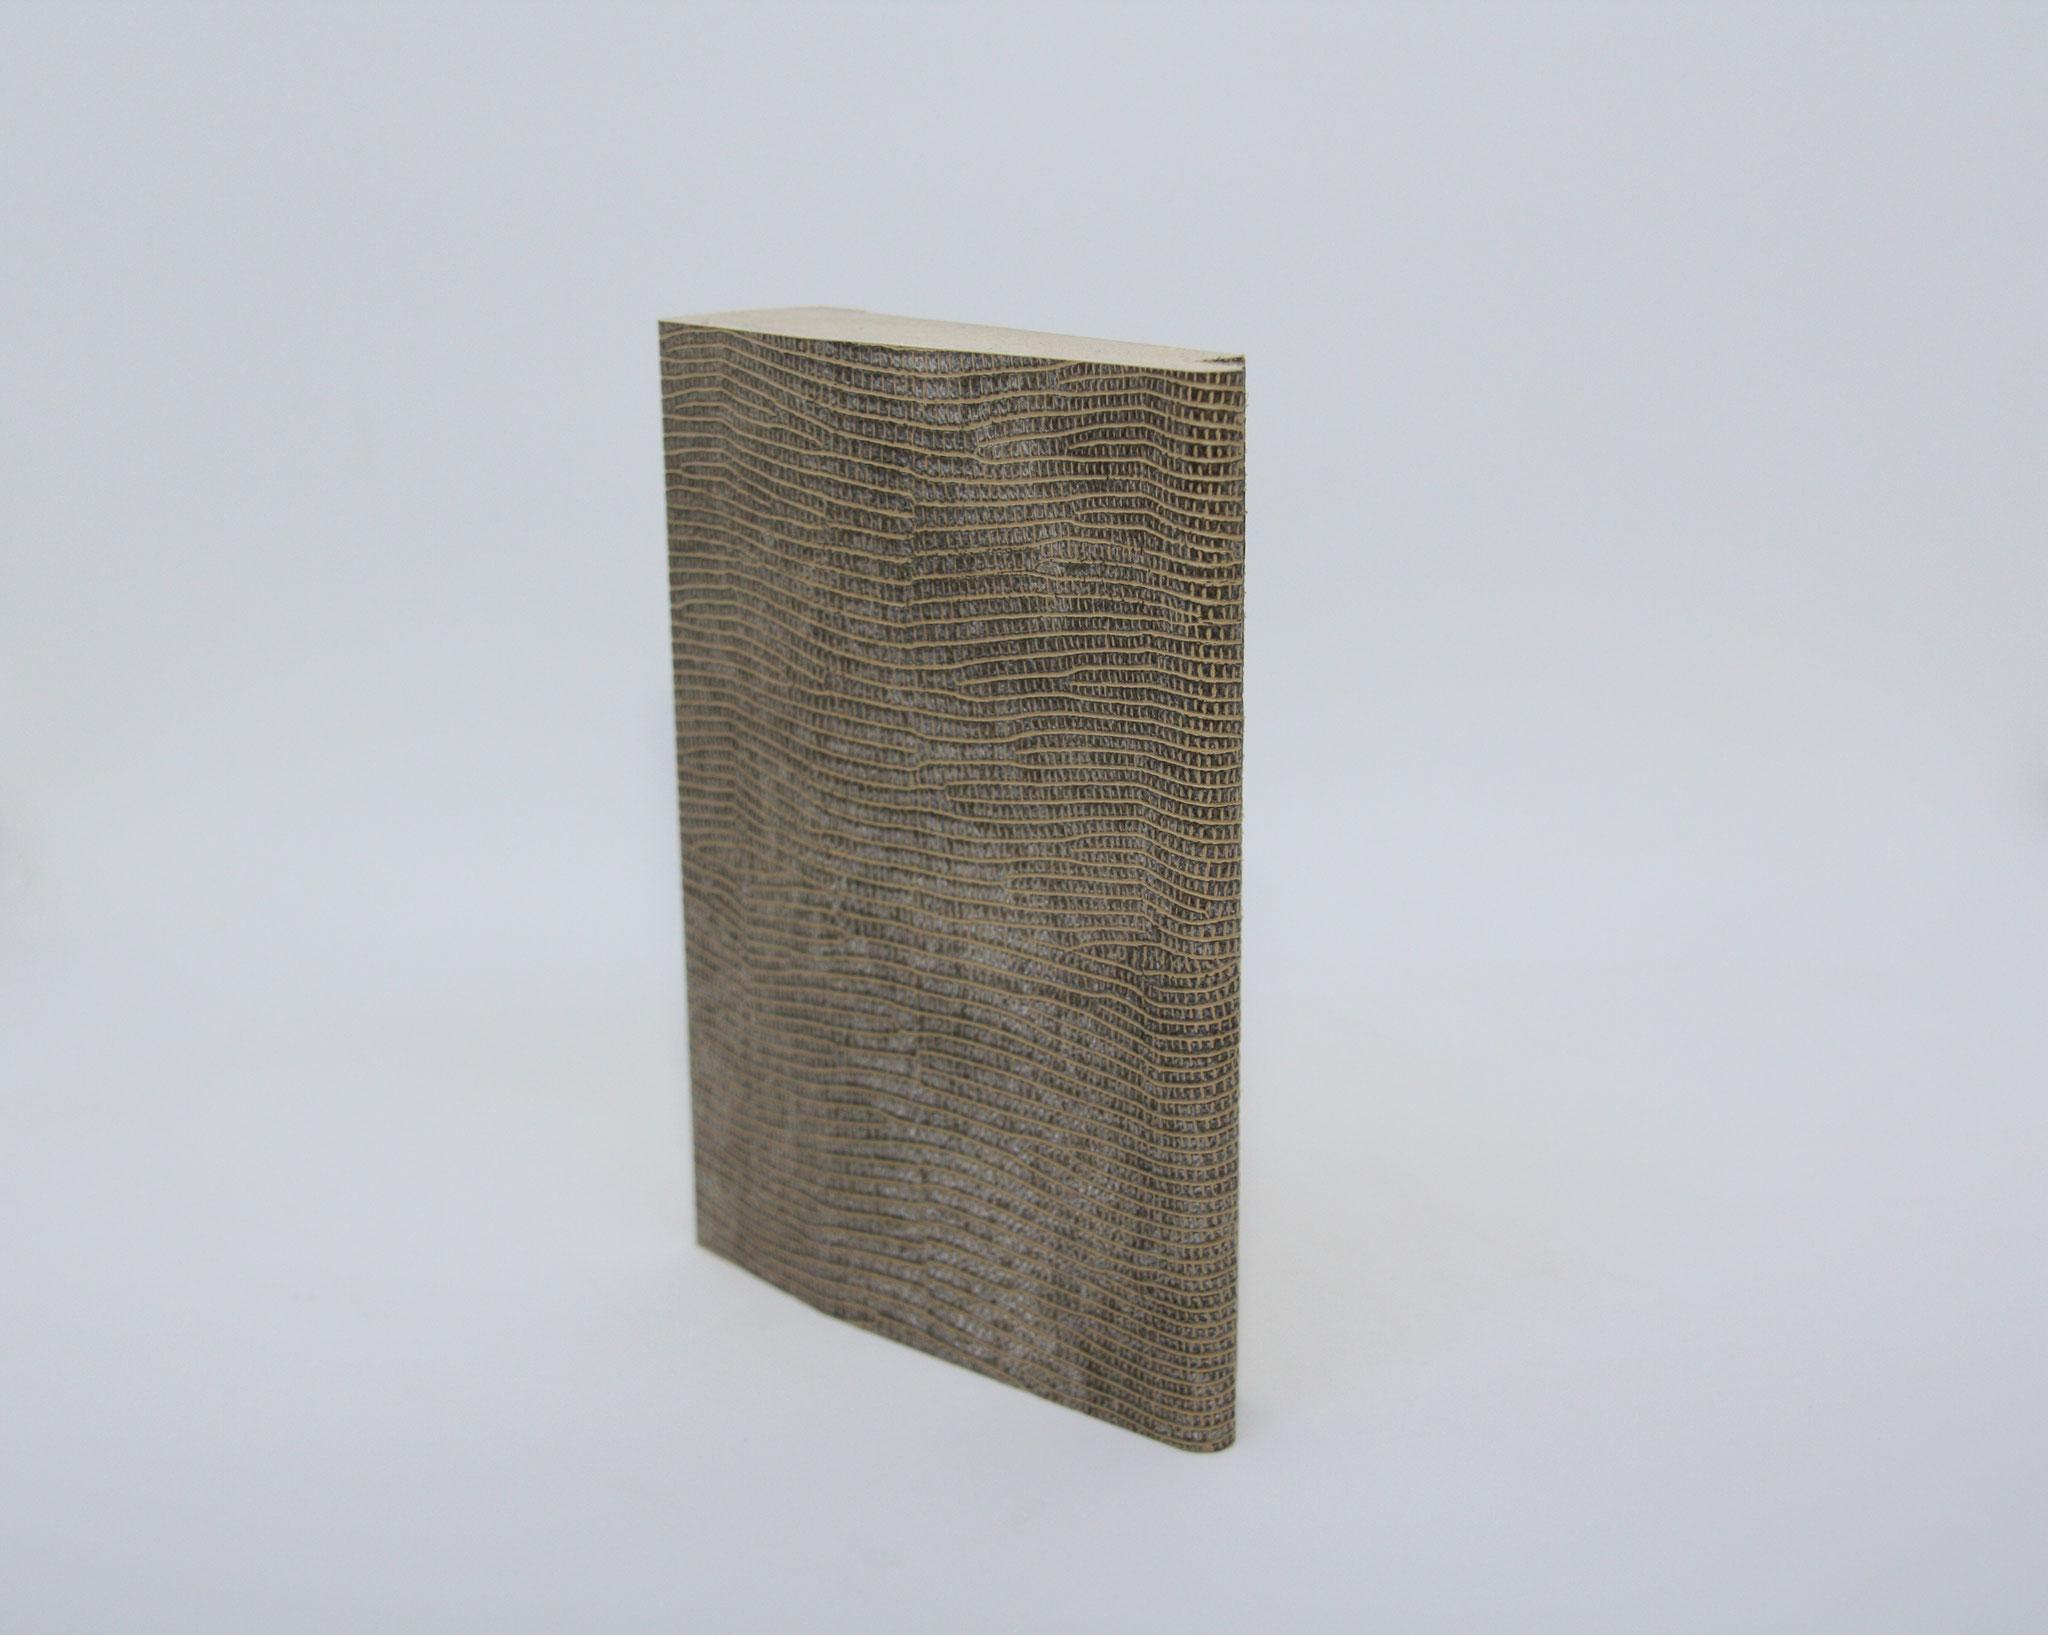 Rahmenprofil - Einsatz: Bilder & Spiegelrahmen, Träger: MDF, Oberfläche: Lederimitat